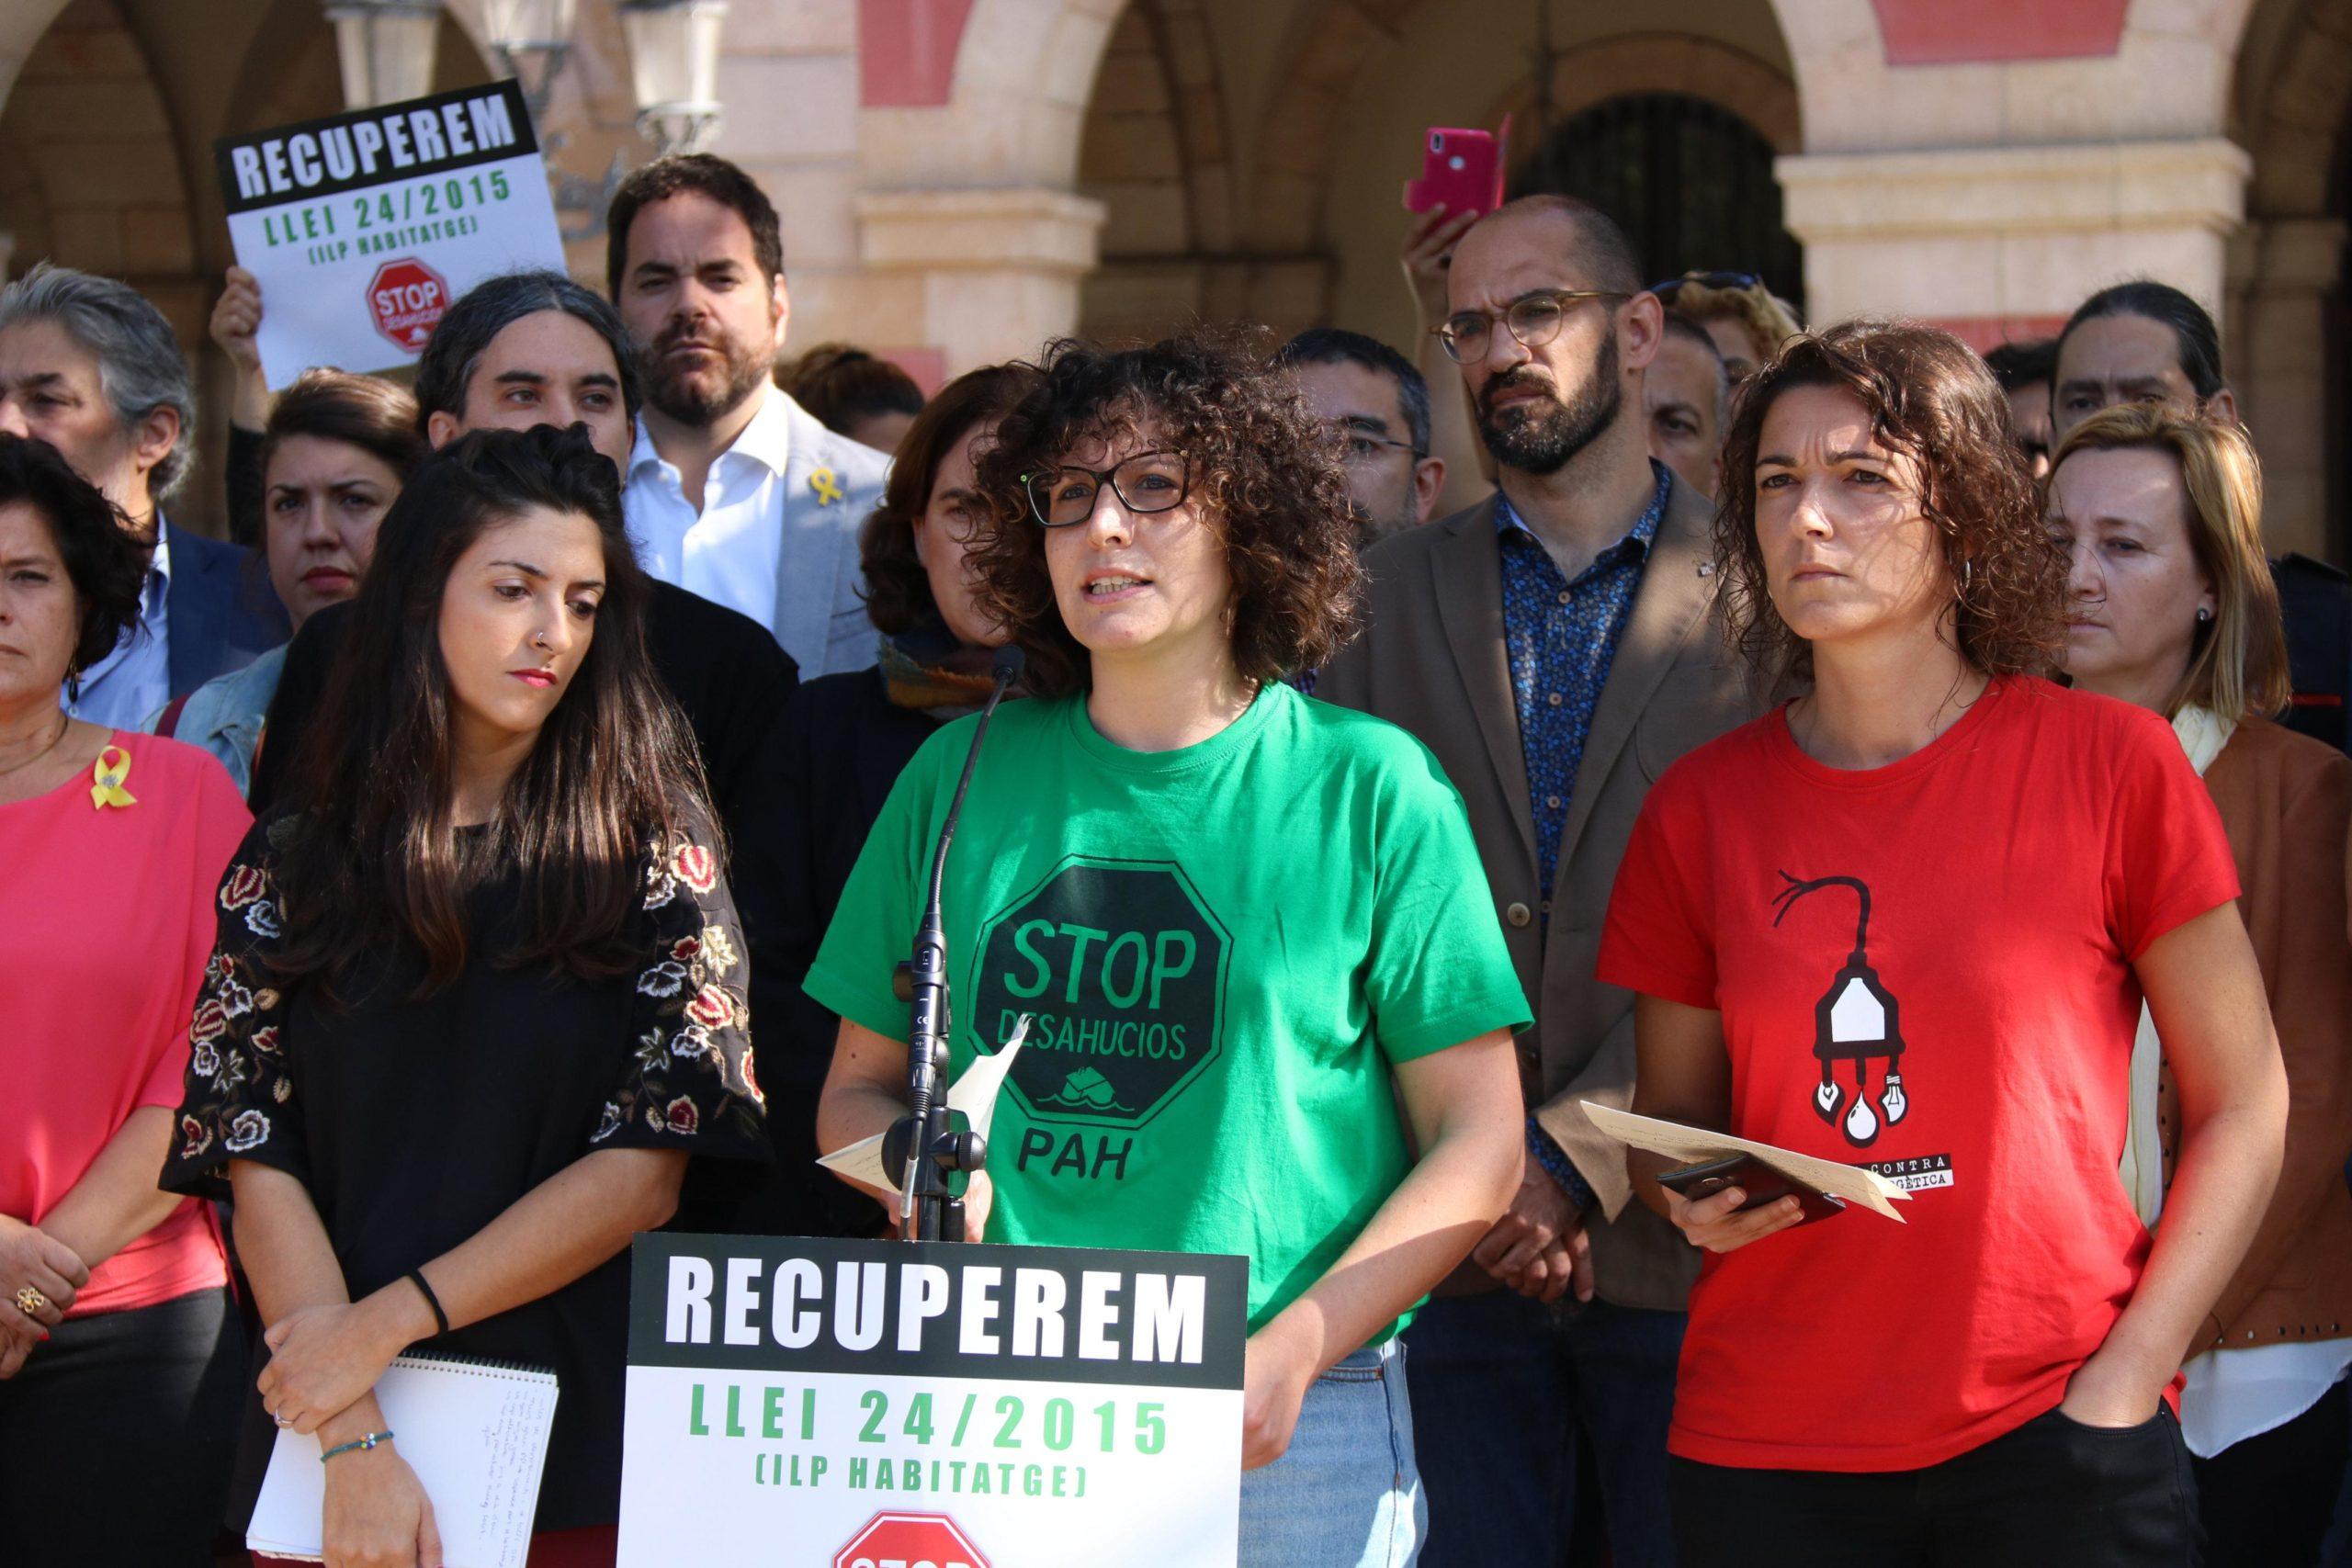 La portaveu de la PAH, Lucía Delgado, en una roda de premsa el darrer octubre / ACN - Núria Julià